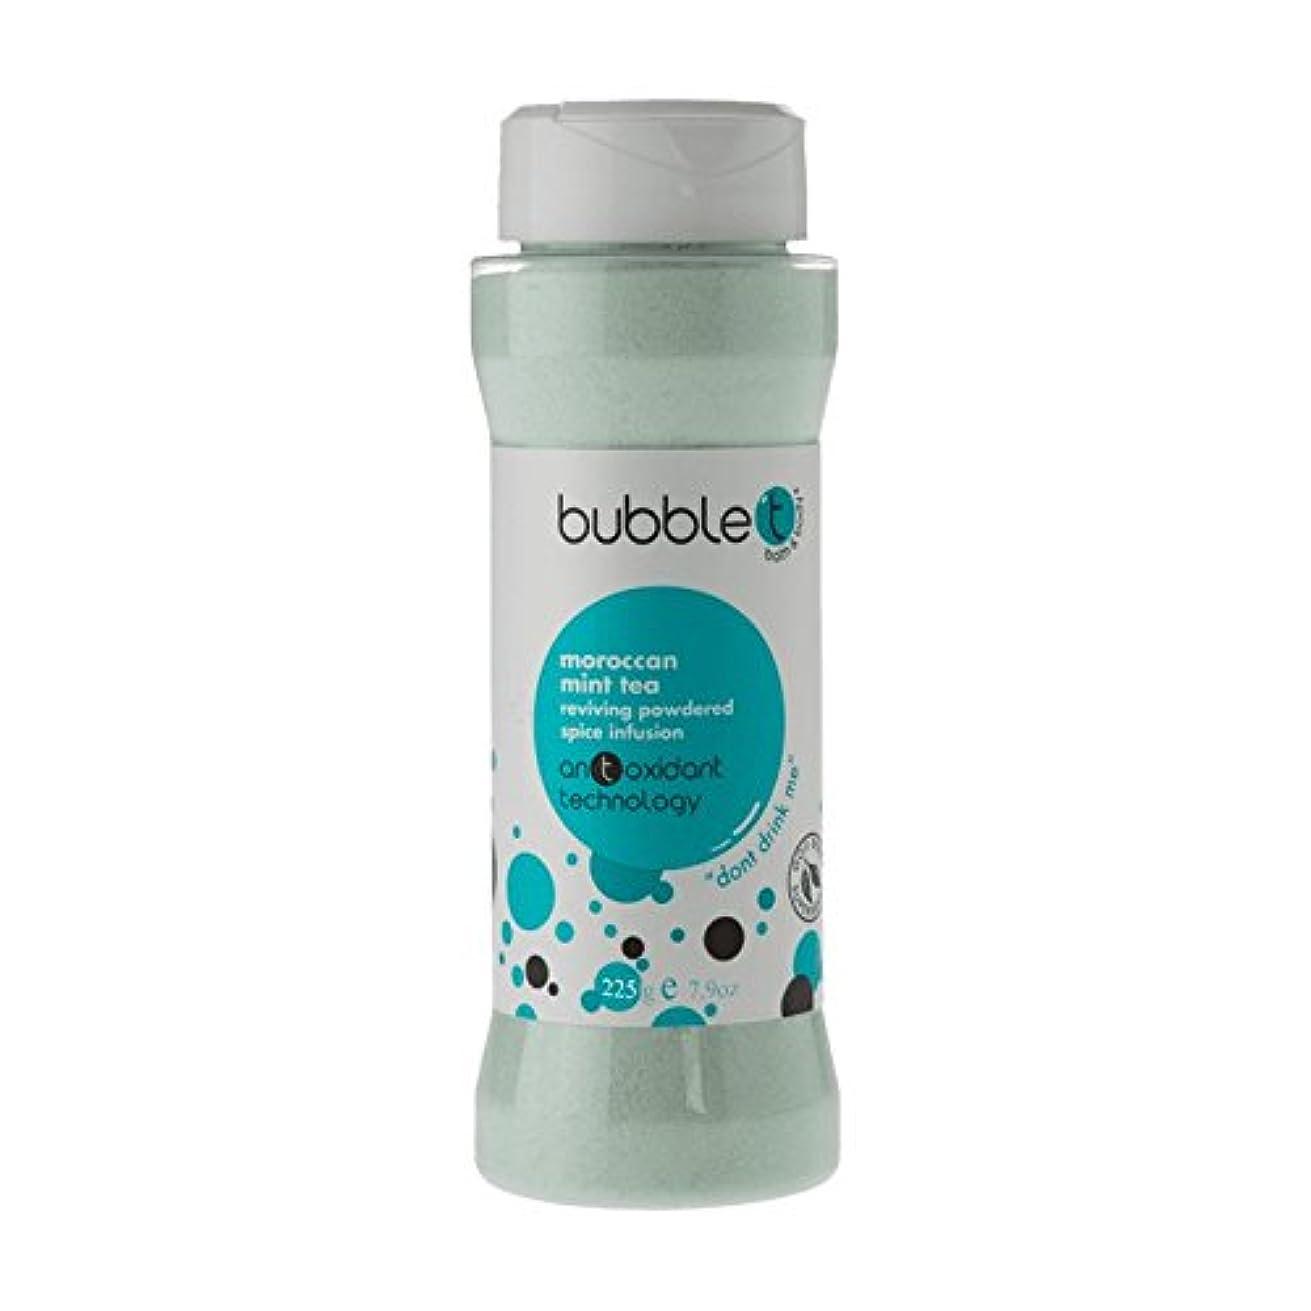 終わらせる食品完全にバブルトン風呂スパイス注入モロッコのミントティー225グラム - Bubble T Bath Spice Infusion Morrocan Mint Tea 225g (Bubble T) [並行輸入品]